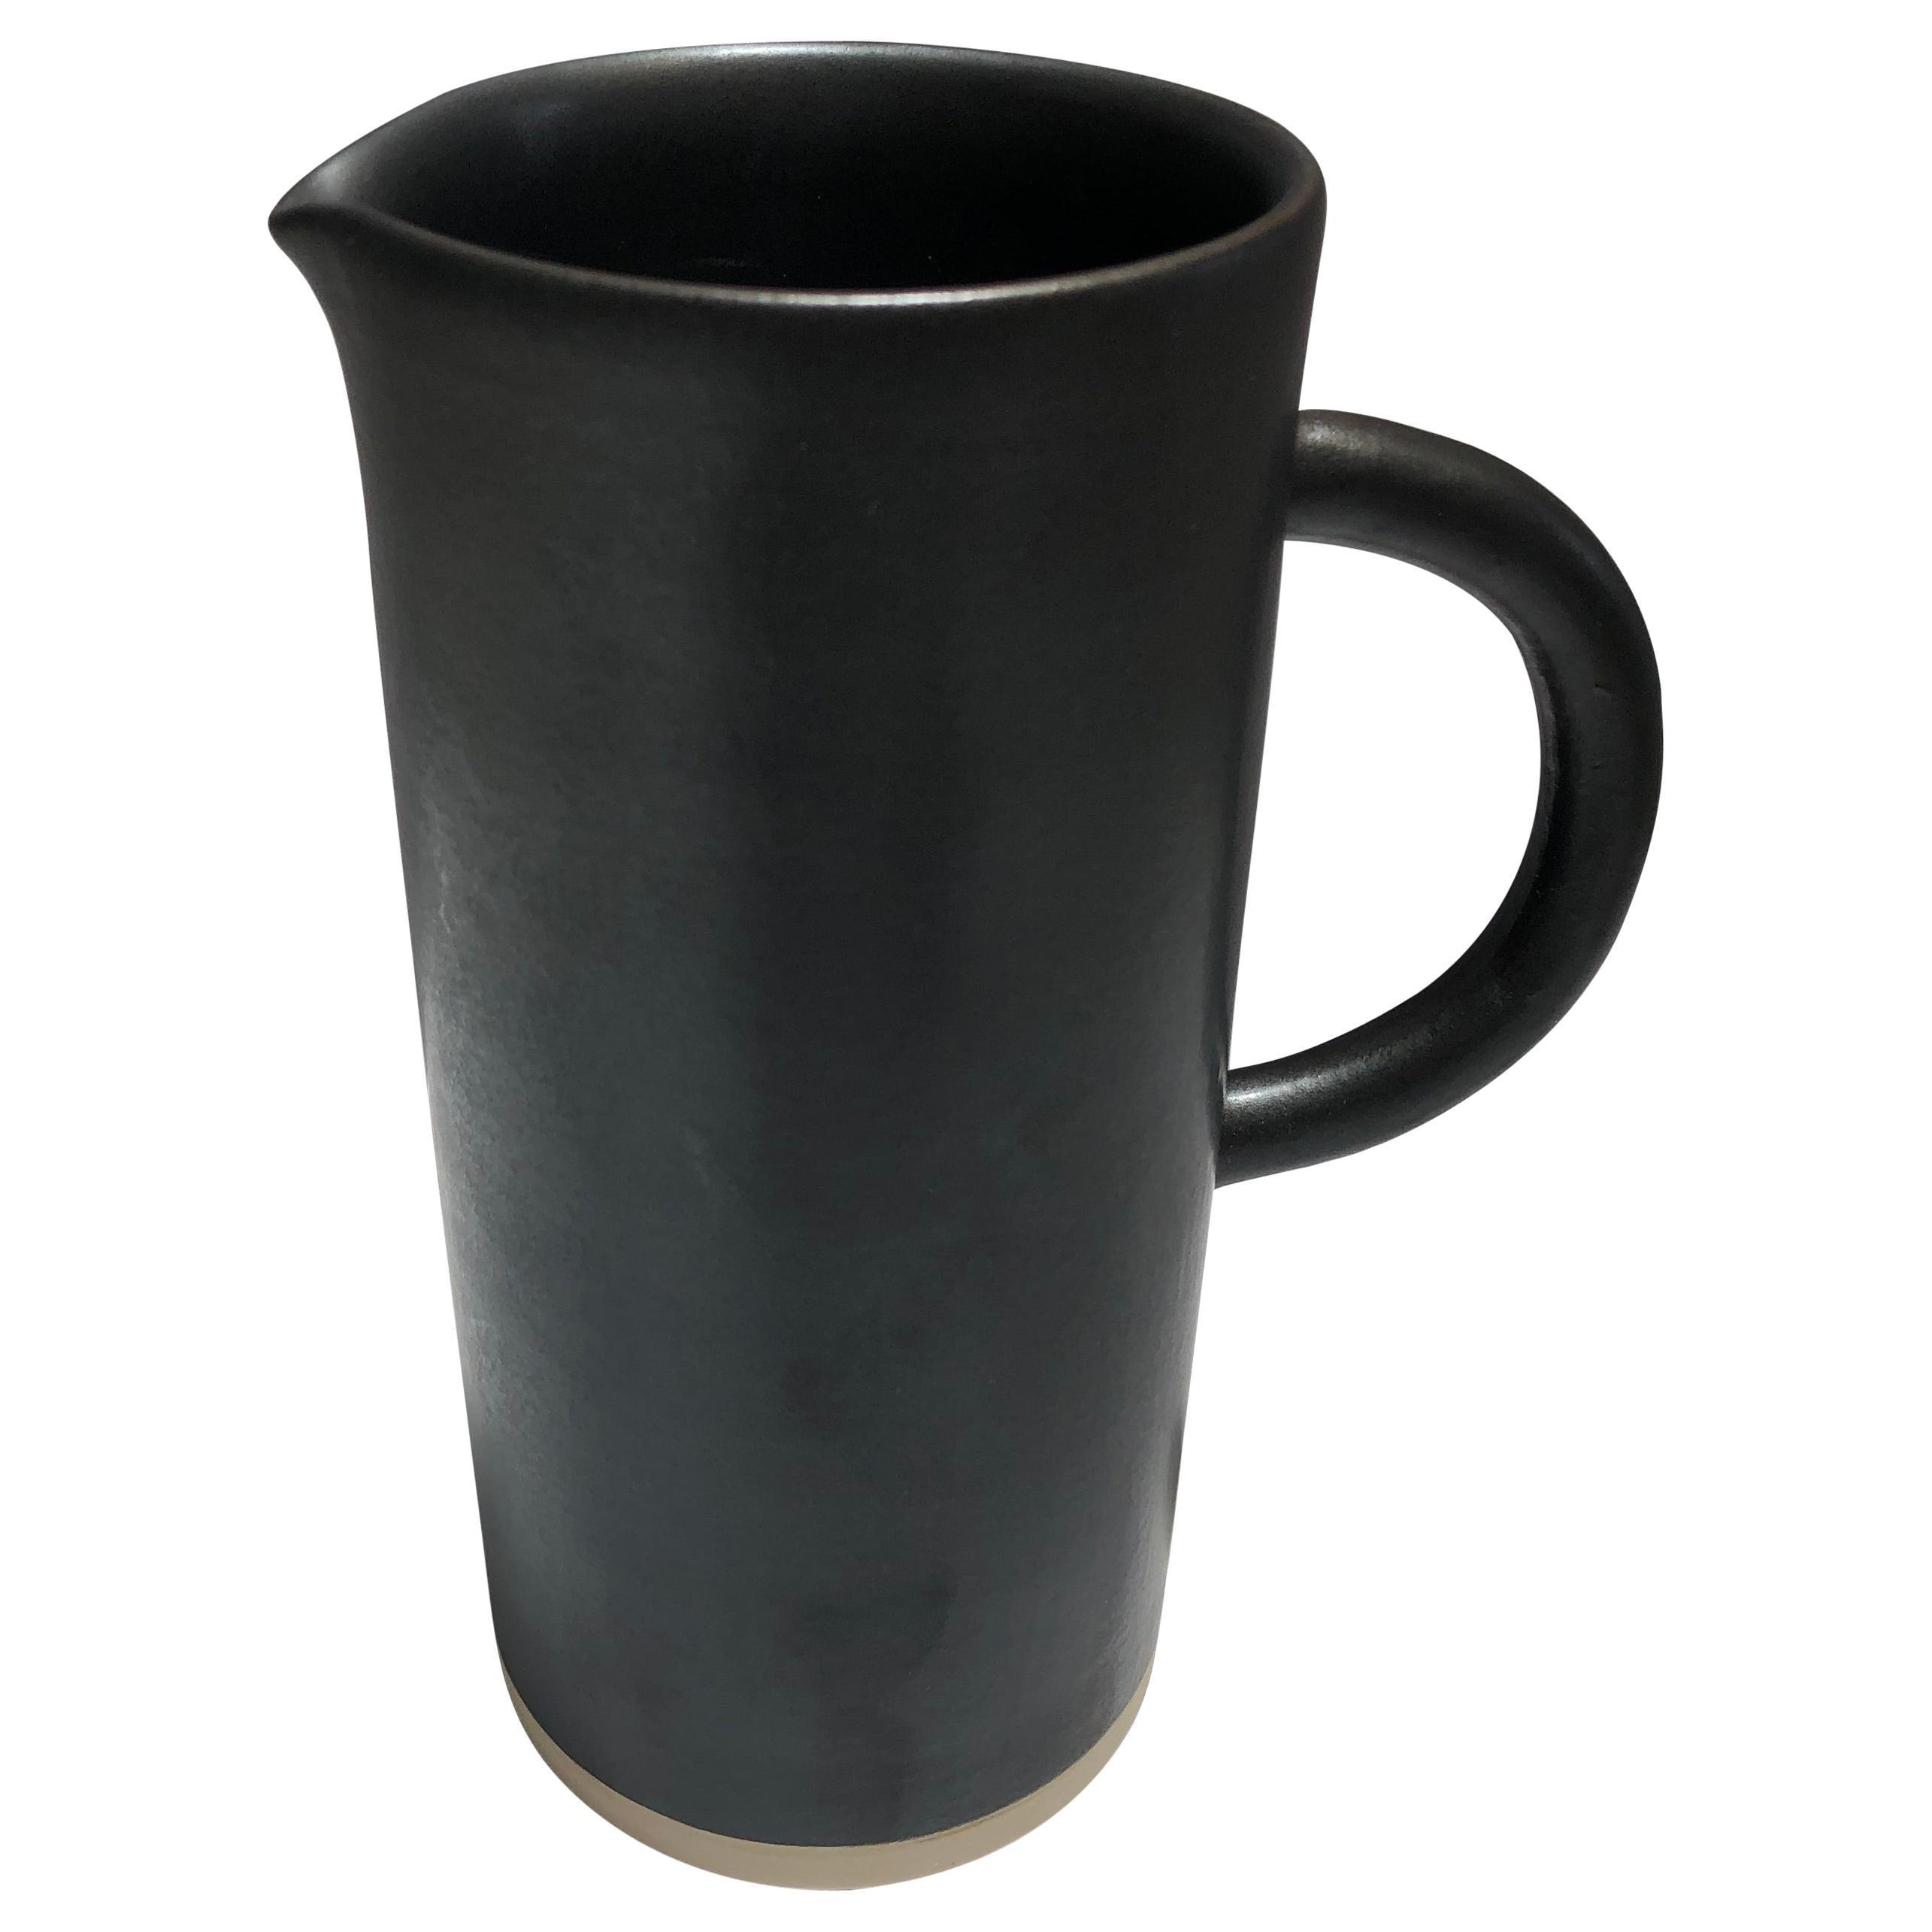 Handmade Ceramic Matte Pitcher in Black, in Stock